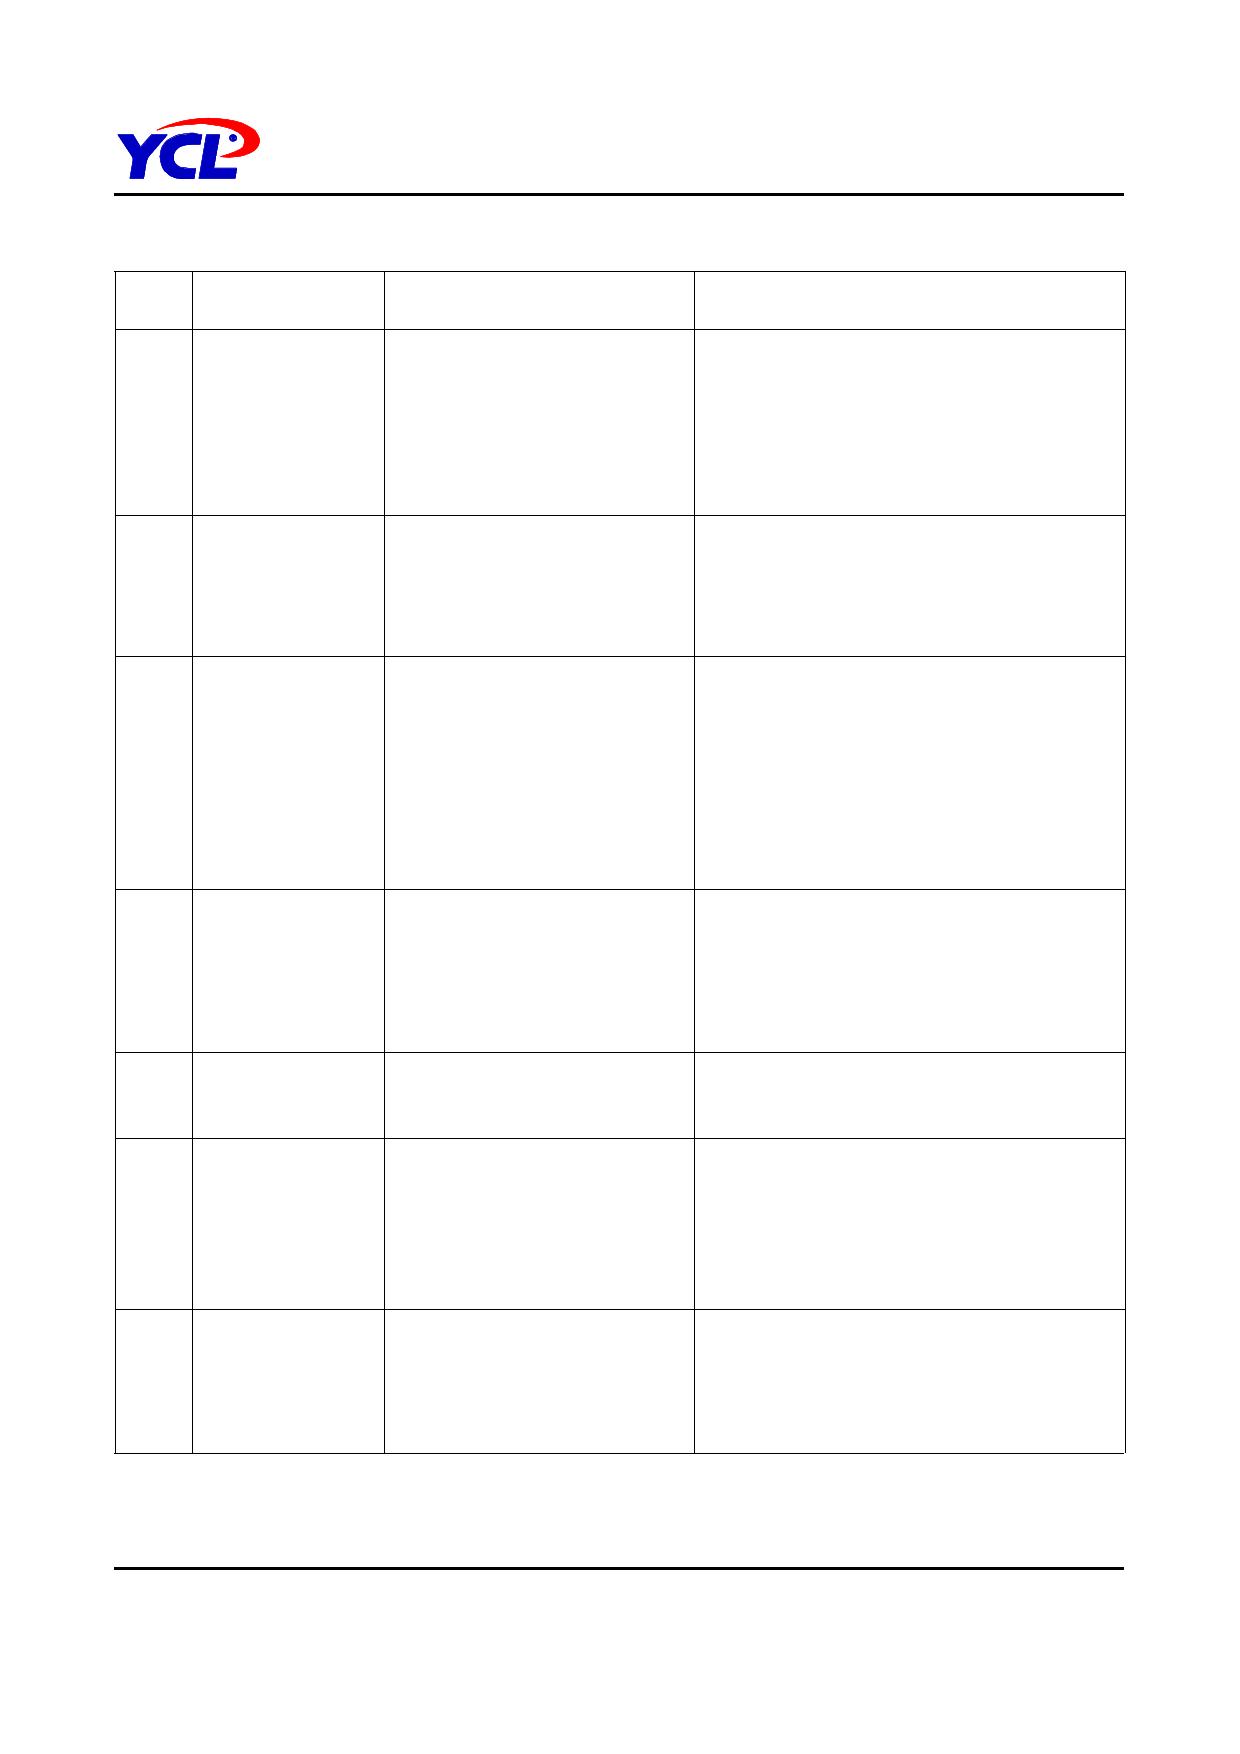 PTC000x-01 pdf, ピン配列